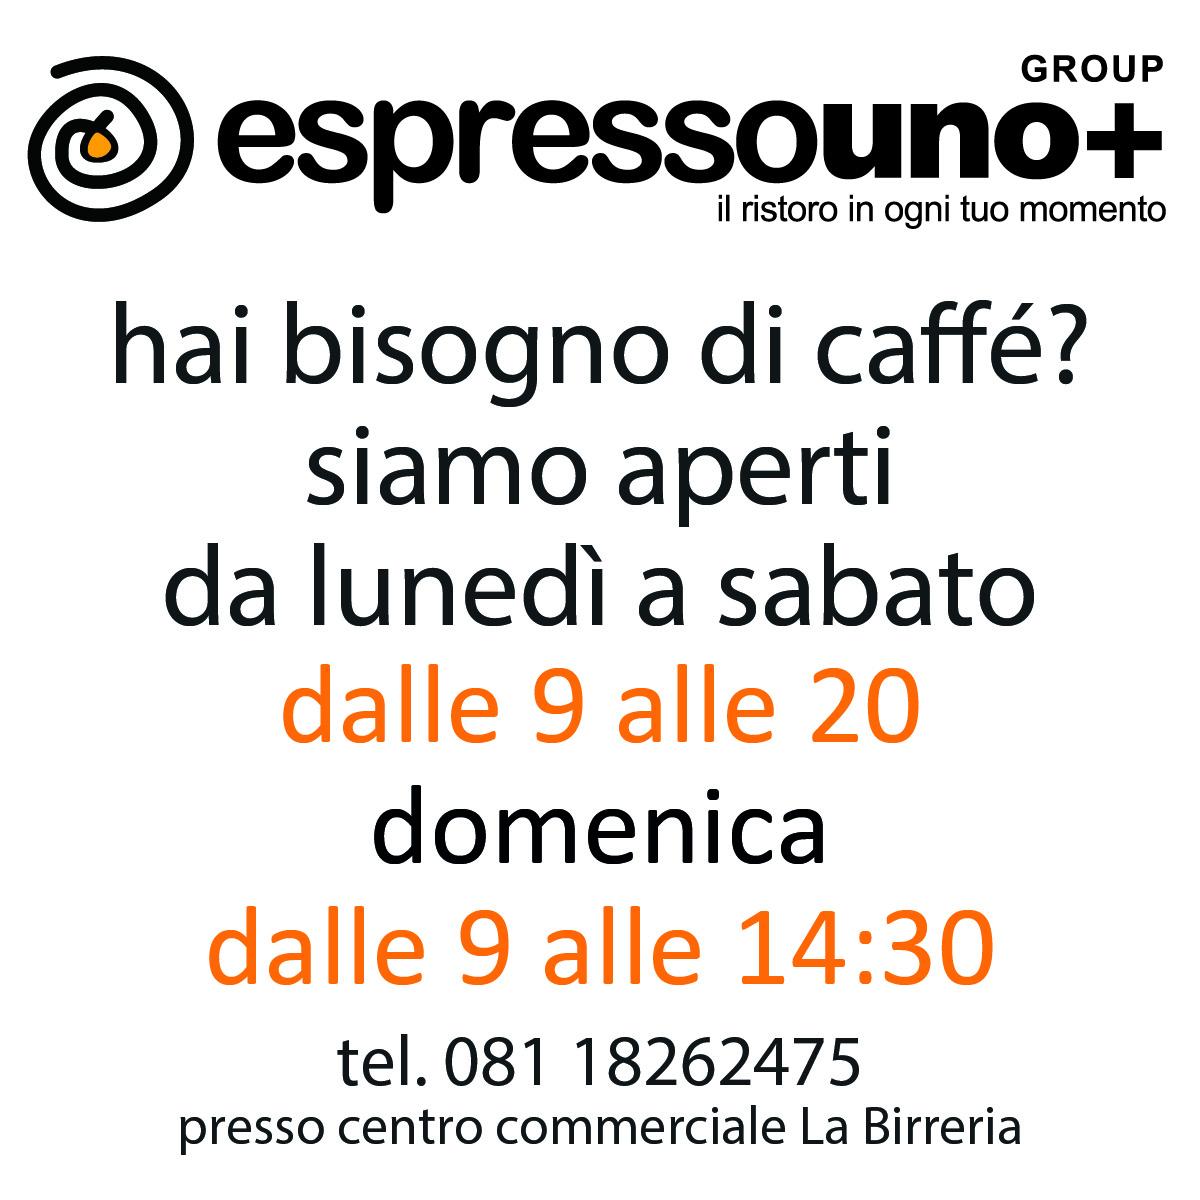 Espressouno+: Caffè